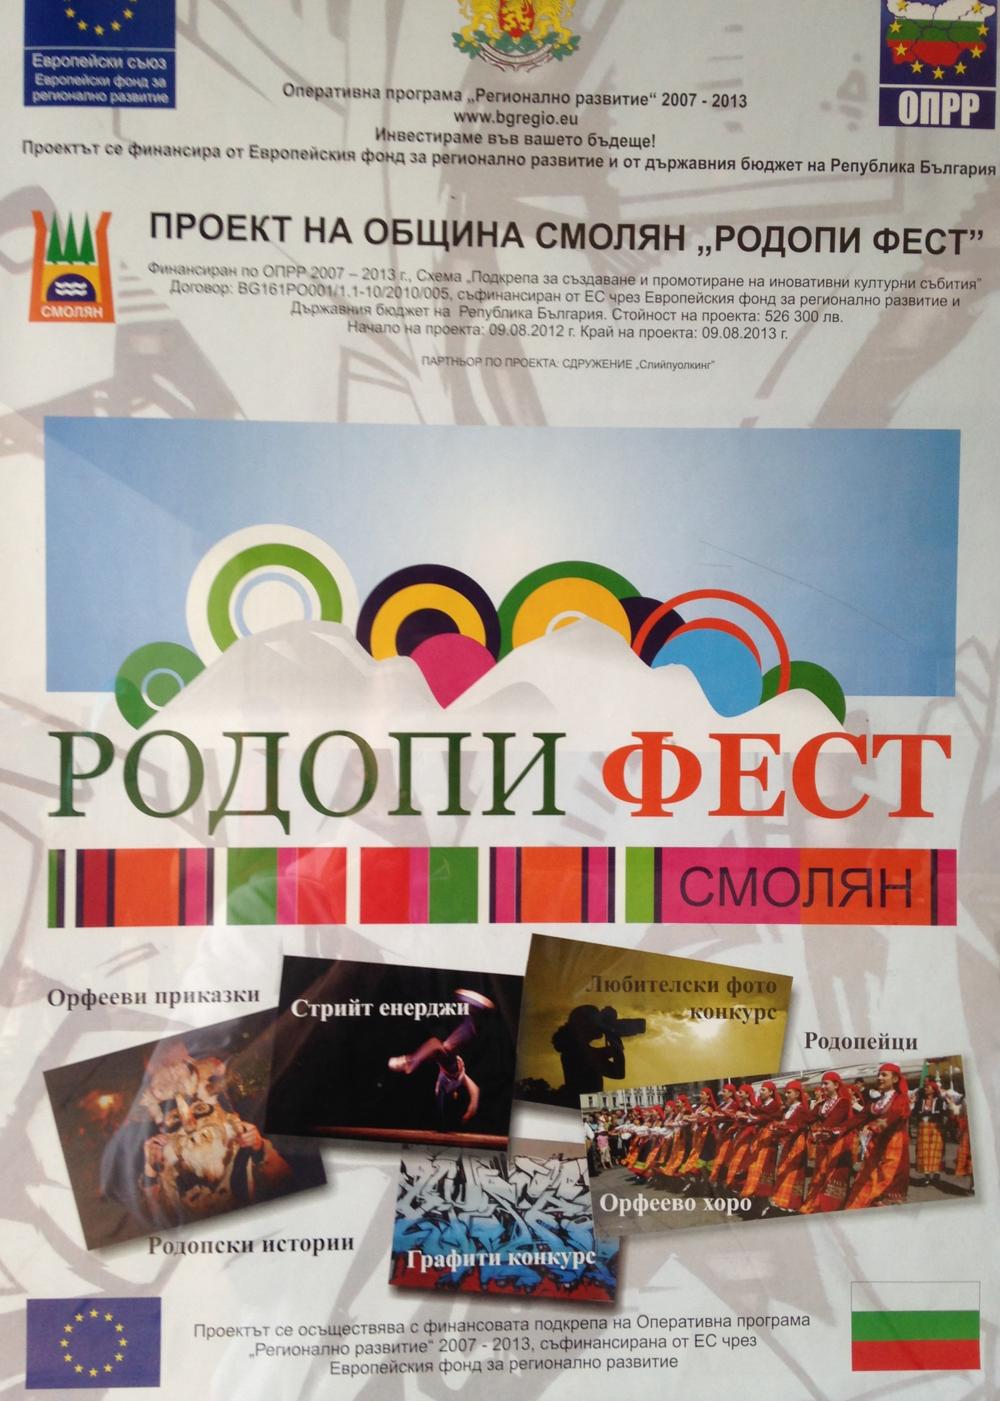 2014-06-21 13.40.02.jpg